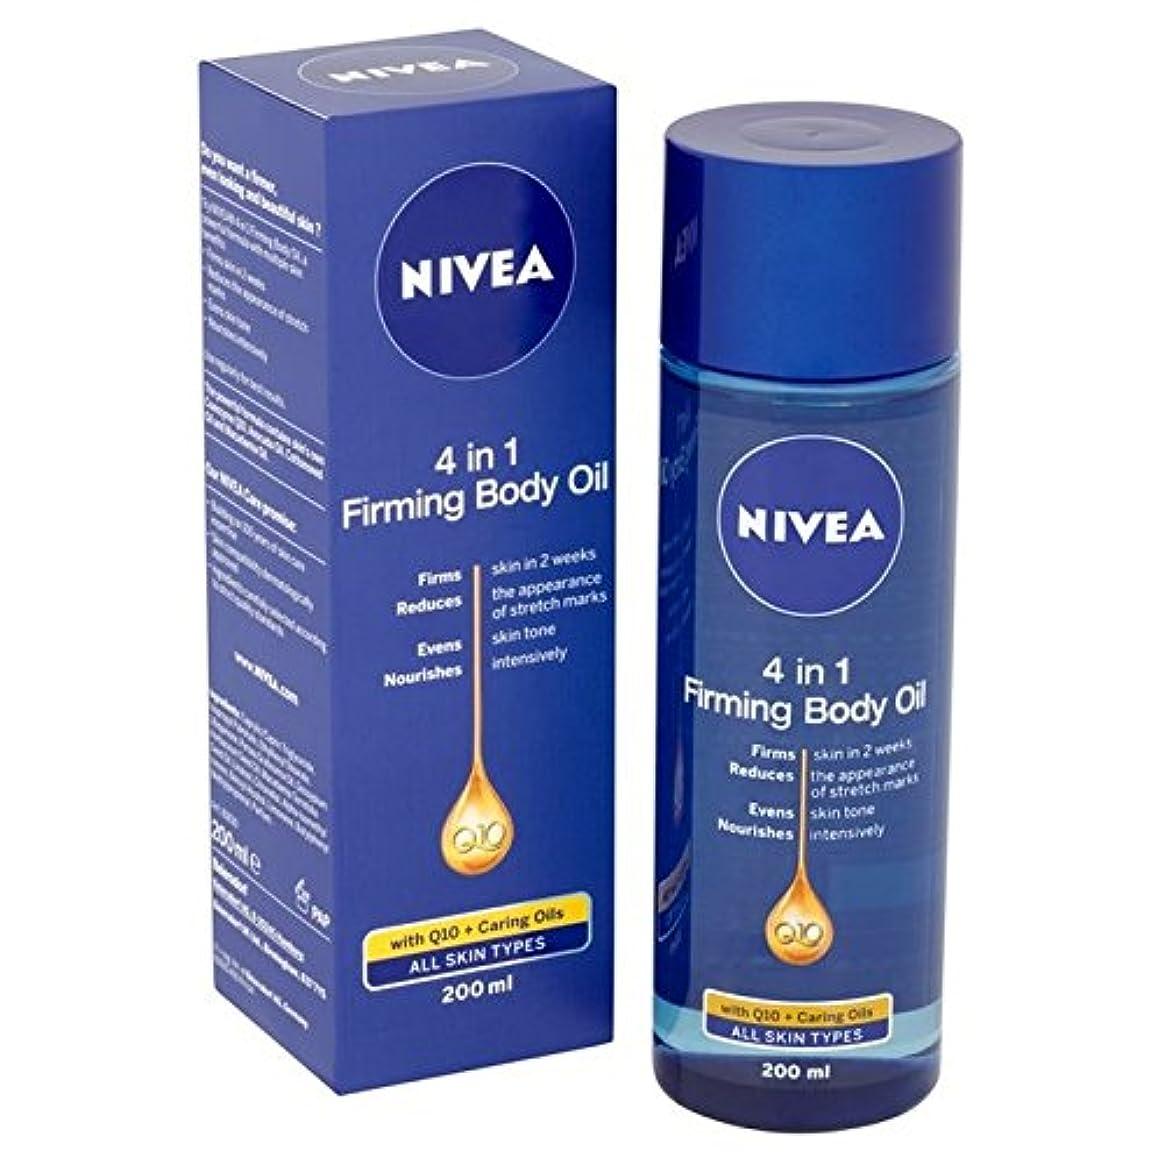 住むパプアニューギニア単位1ファーミング油200ミリリットル中ニベアボディ4 x2 - Nivea Body 4 in 1 Firming Oil 200ml (Pack of 2) [並行輸入品]